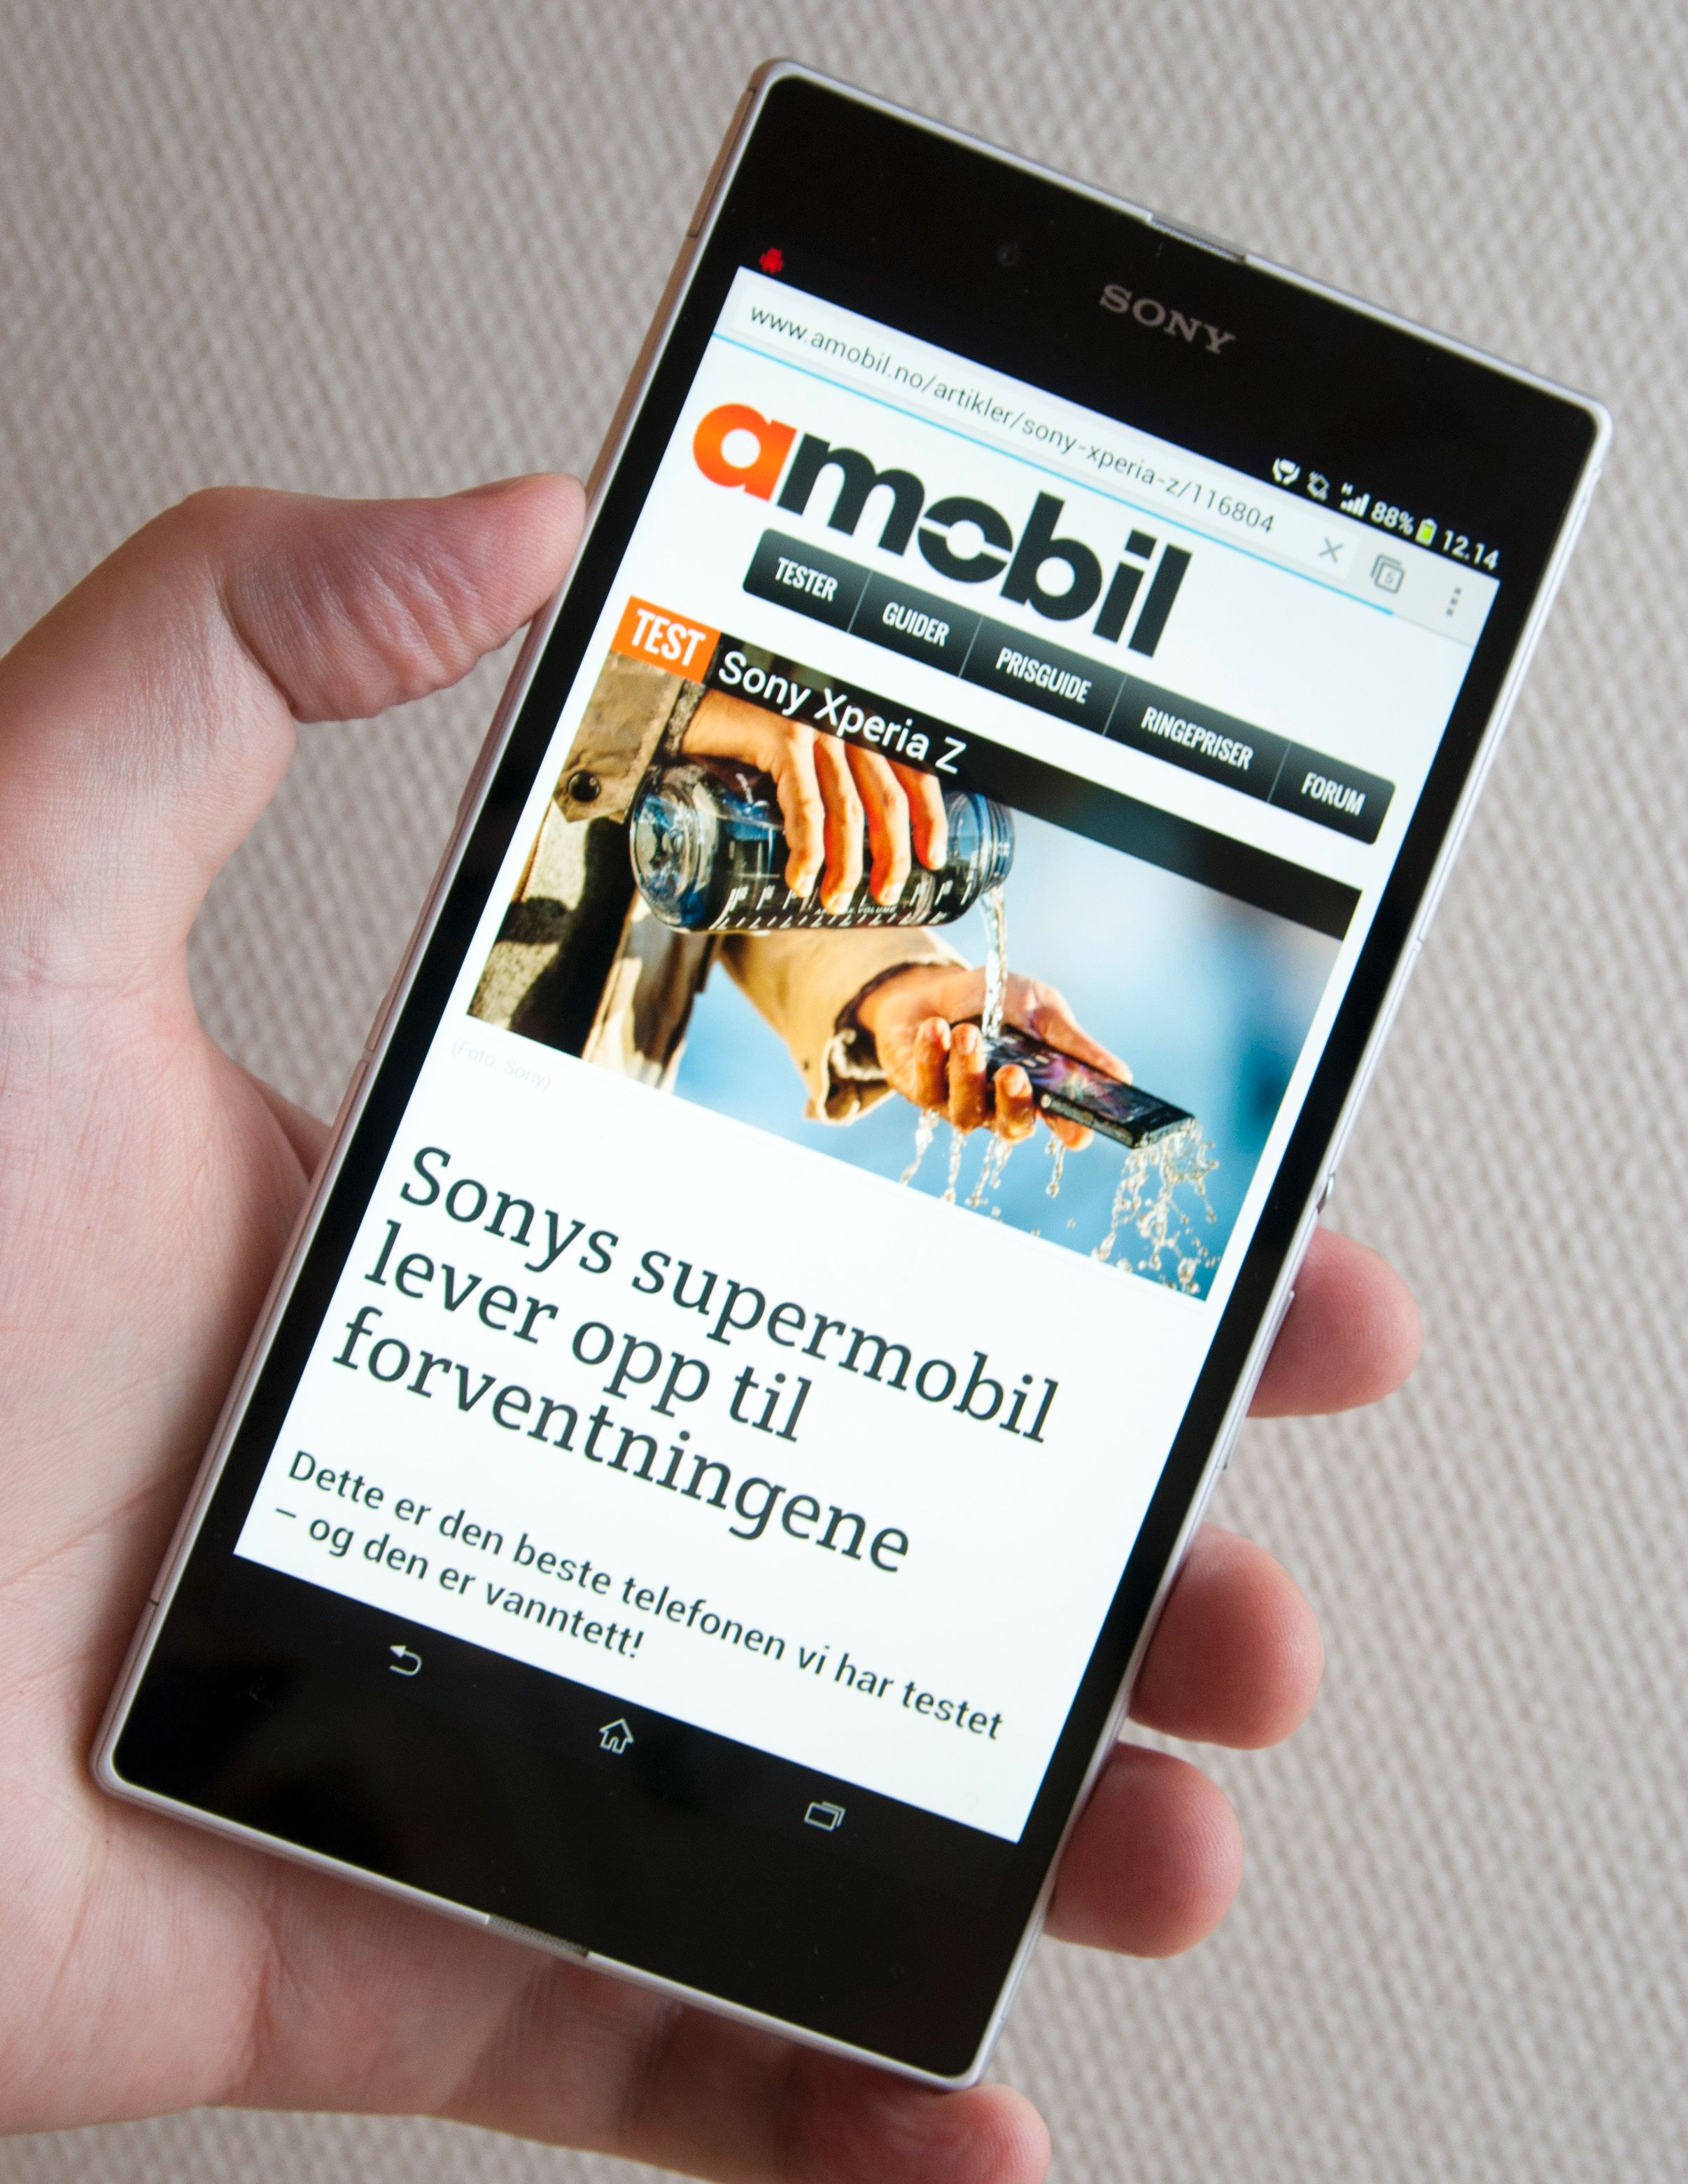 Heit konkurrent: Sonys vanntette og bjørnesterke Xperia Z Ultra er ventet å bli en av Galaxy Note IIIs sterkeste konkurrenter. Det ryktes også at HTC vil slippe en diger telefon i løpet av samme tidsrom.Foto: Finn Jarle Kvalheim, Amobil.no